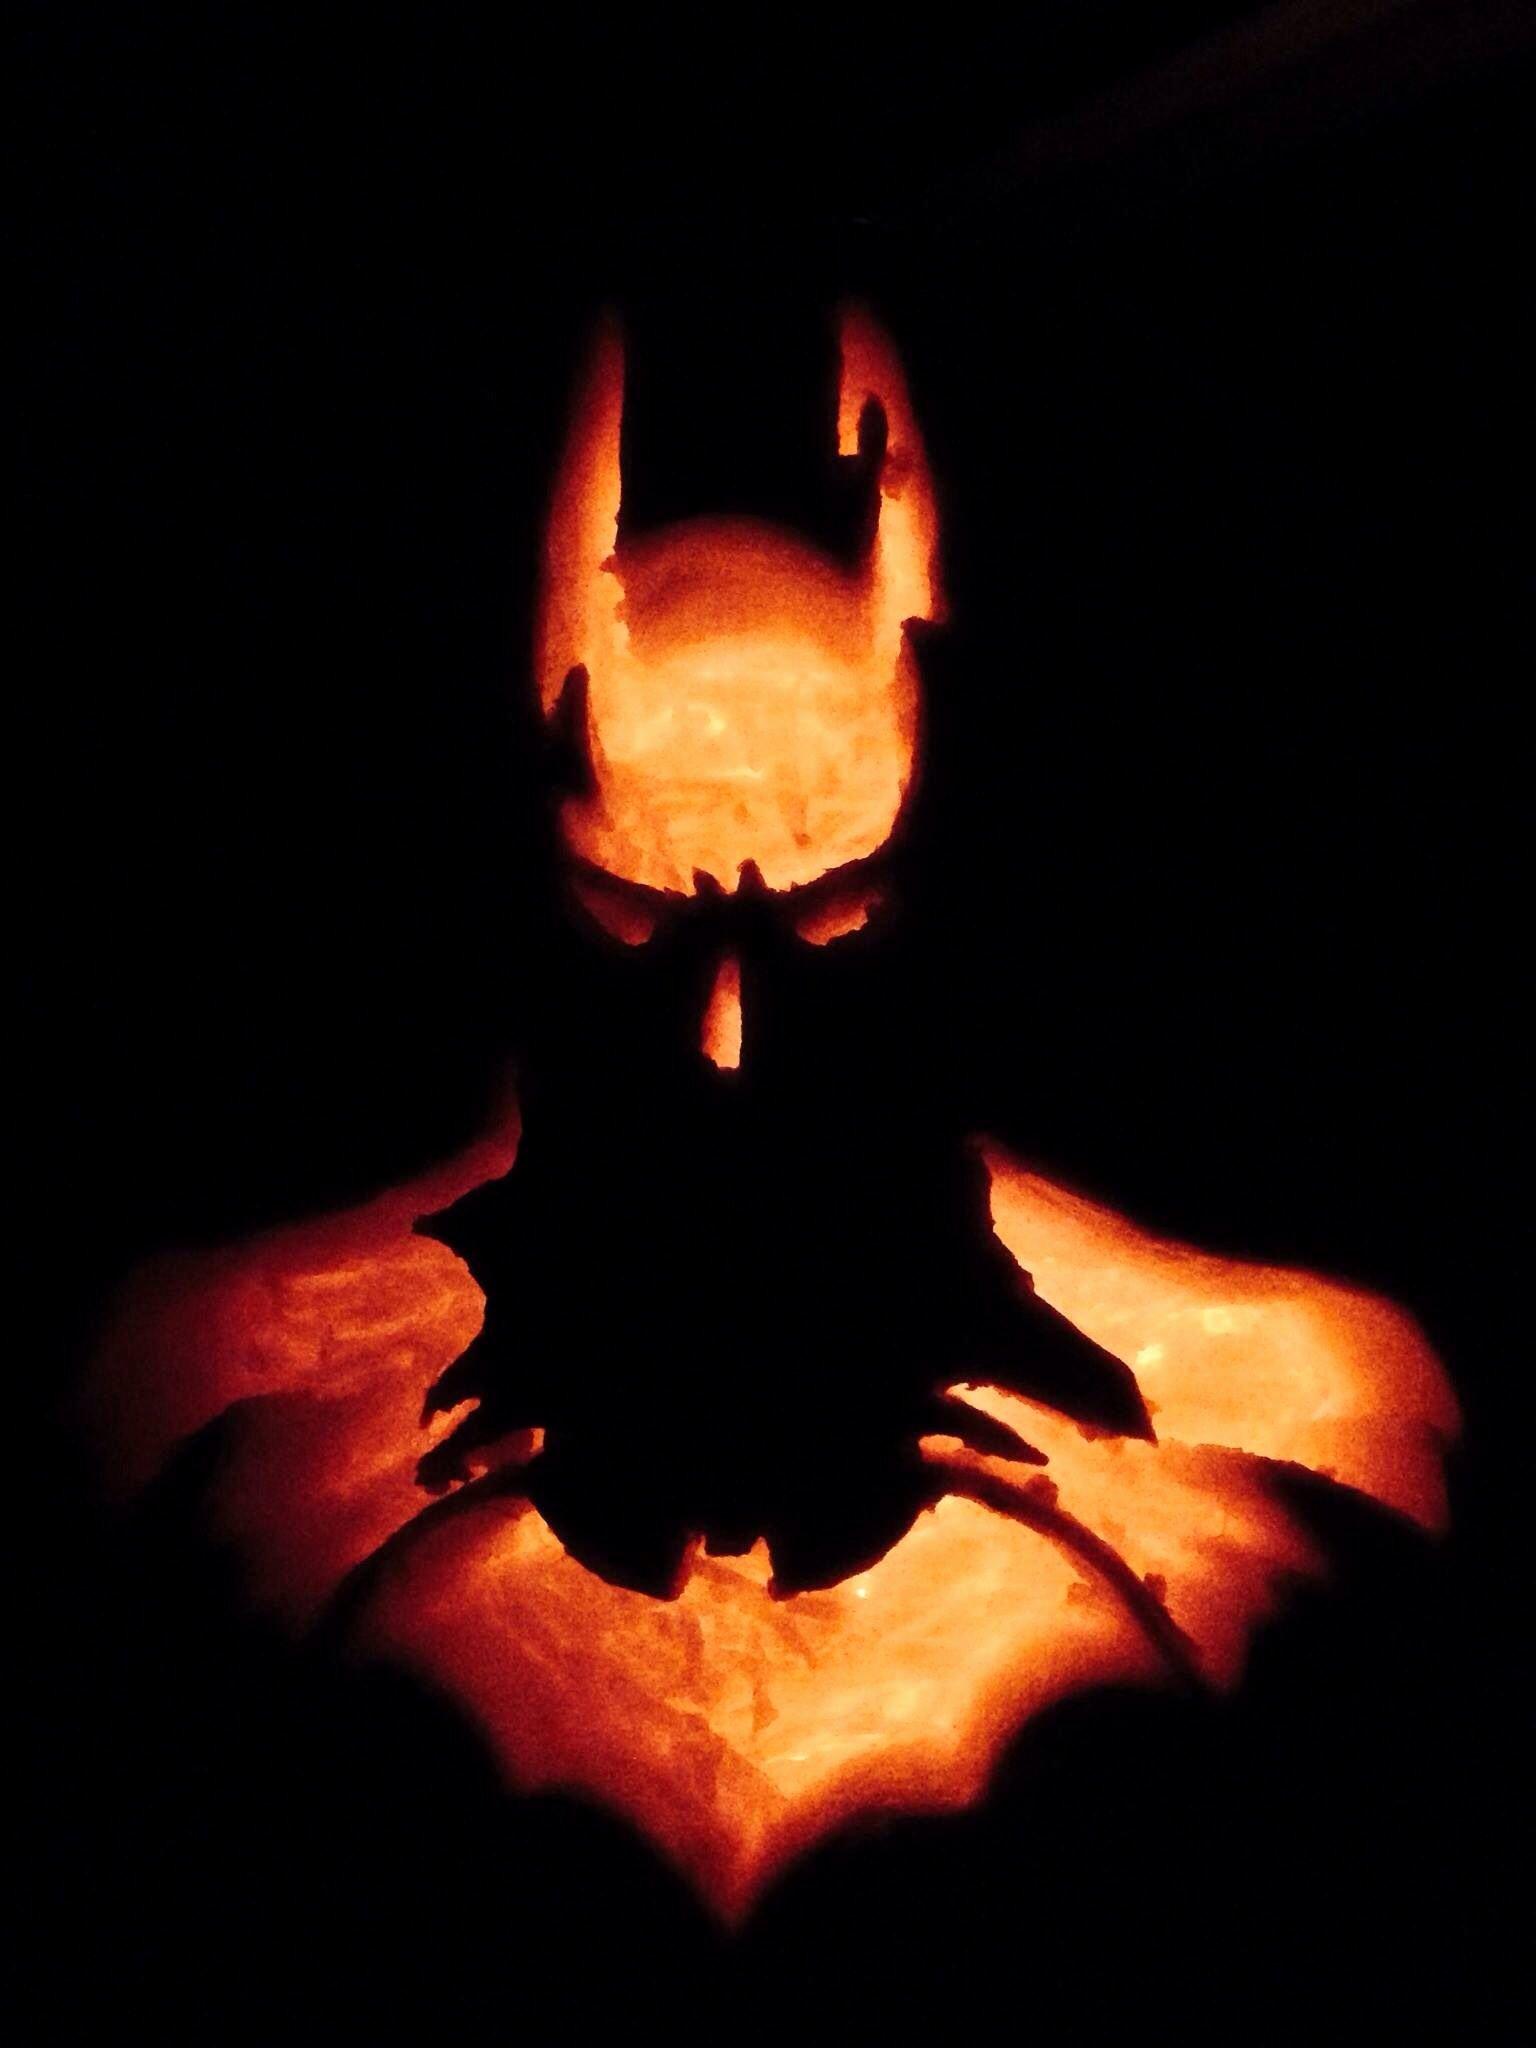 Batman Pumpkin Stencil Unique Batman Pumpkin Carving for Halloween